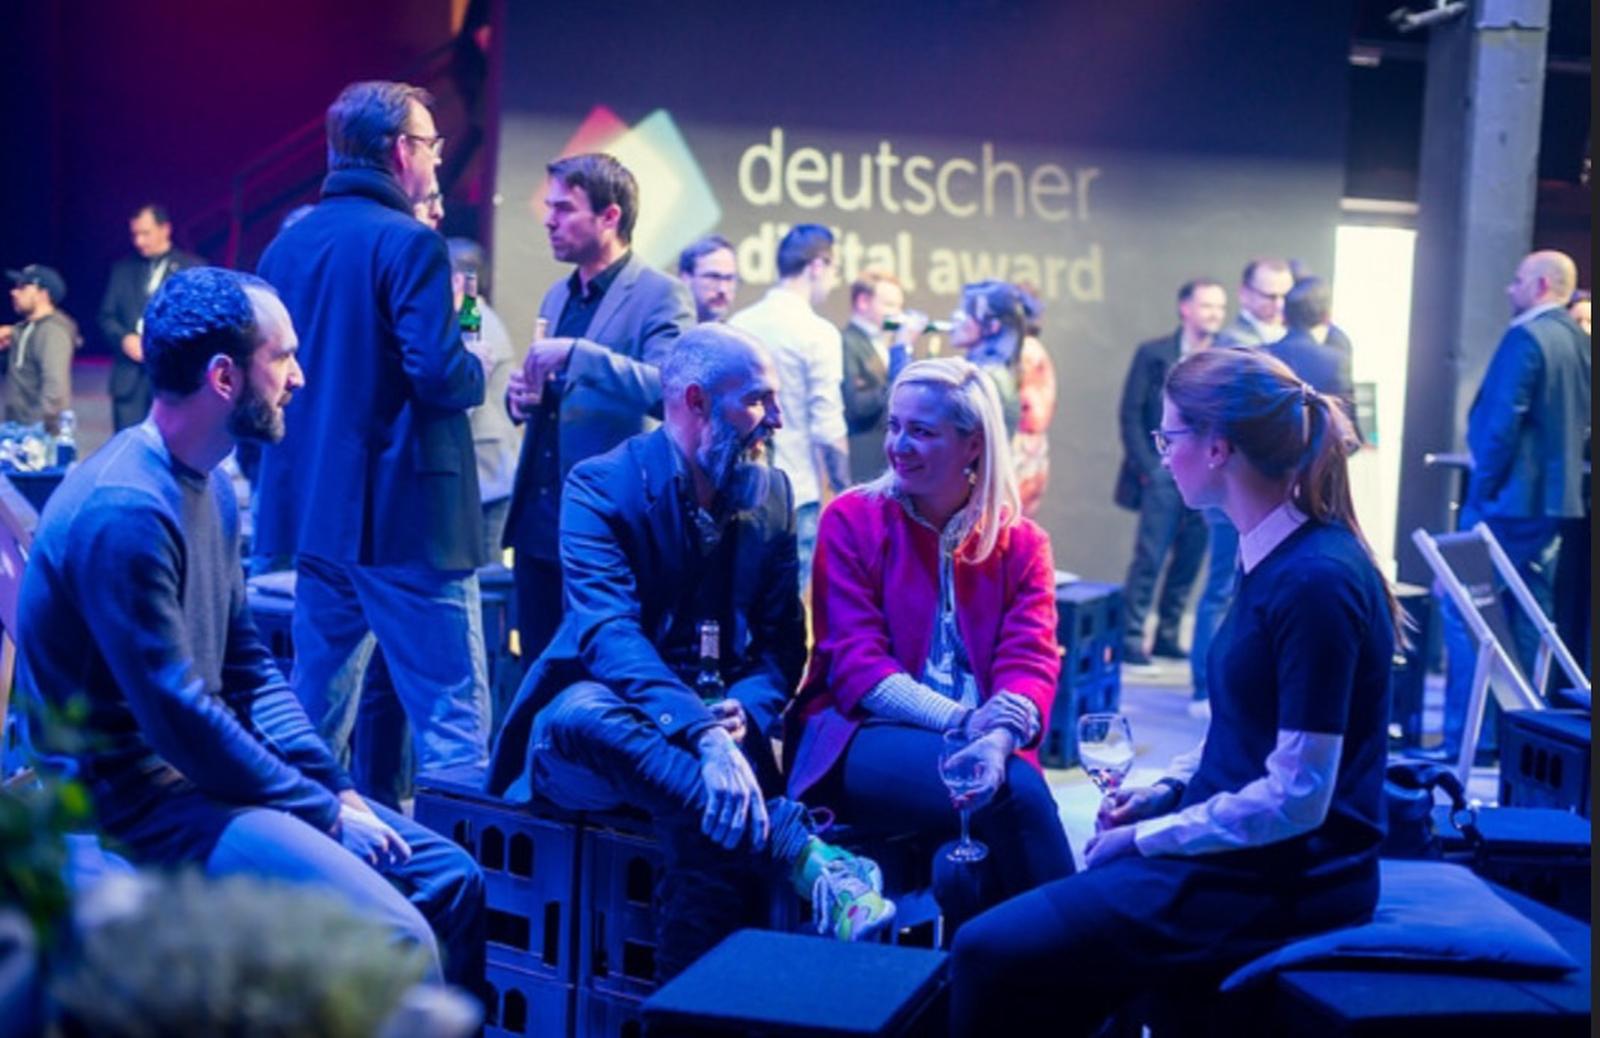 image für website von cratedesign_dem event mobiliar zum mieten aus ungelabelten getraenkekisten aus berlin_mit der beschriftung_img-cratedesign-intro-slider-deutscher digitalaward